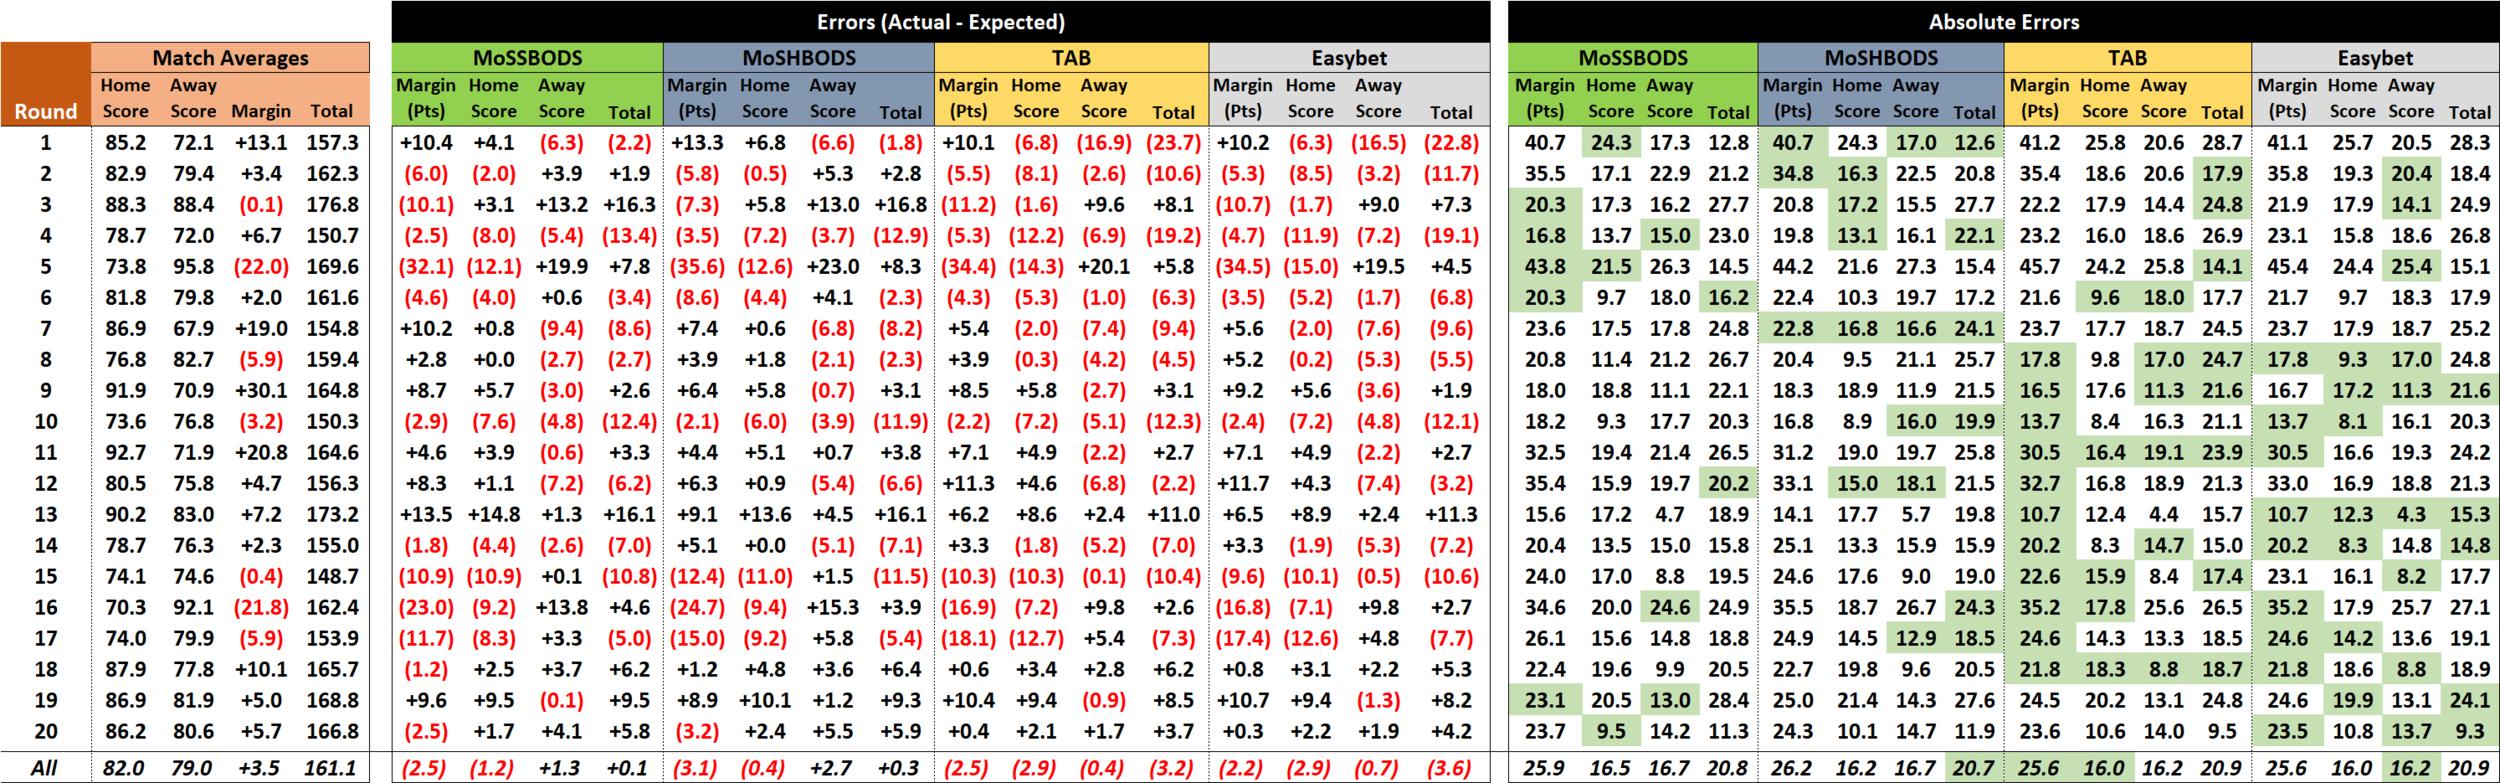 R21 - Score Performances.png